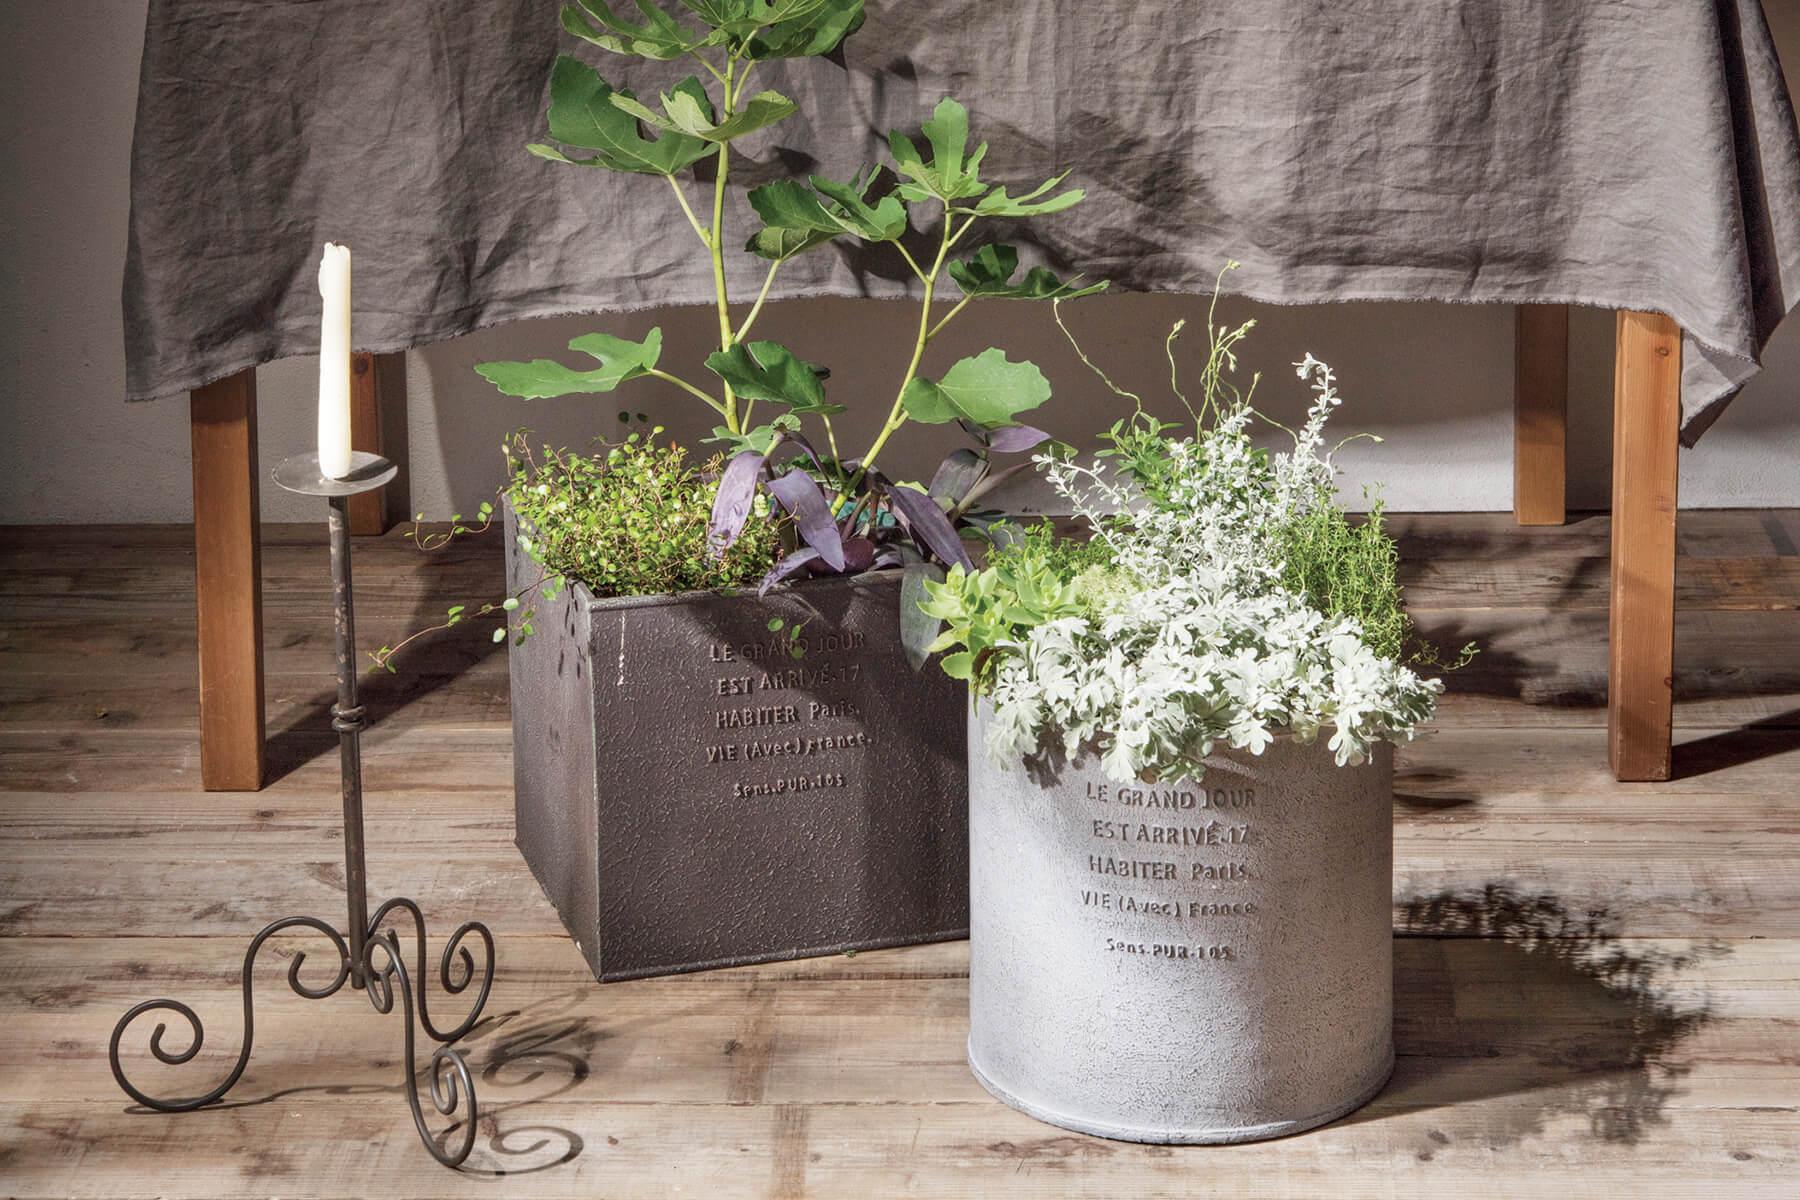 グラスファイバーの植木鉢